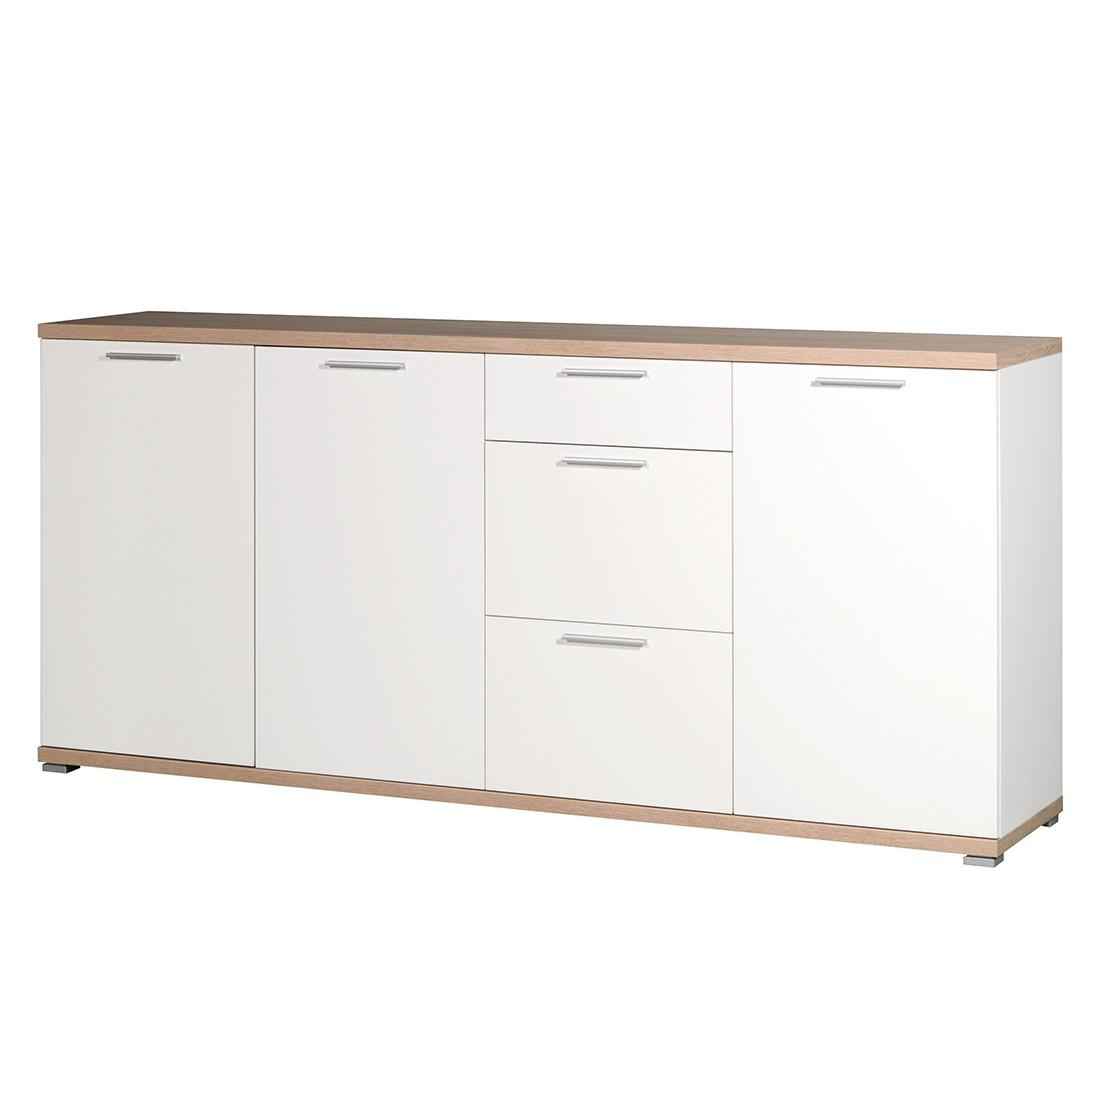 sideboard texture ii wei sonoma eiche dekor top square g nstig kaufen. Black Bedroom Furniture Sets. Home Design Ideas